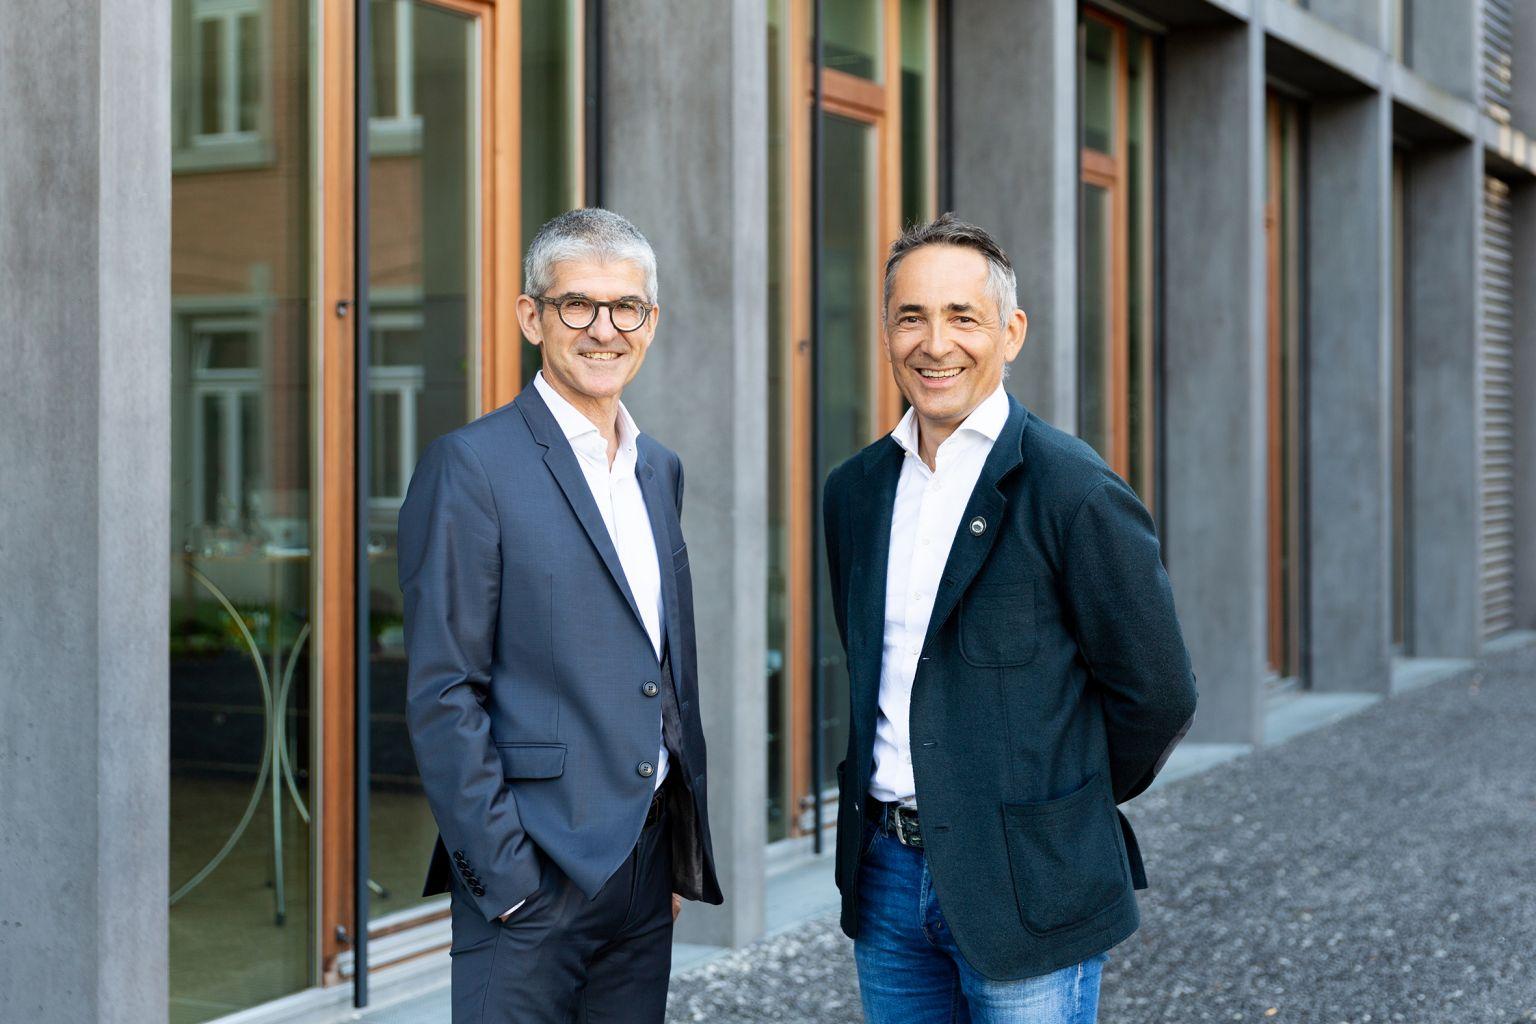 Rhomberg Gruppe steigerte Umsatz um 3,7 Prozent auf 811 Mio. Euro